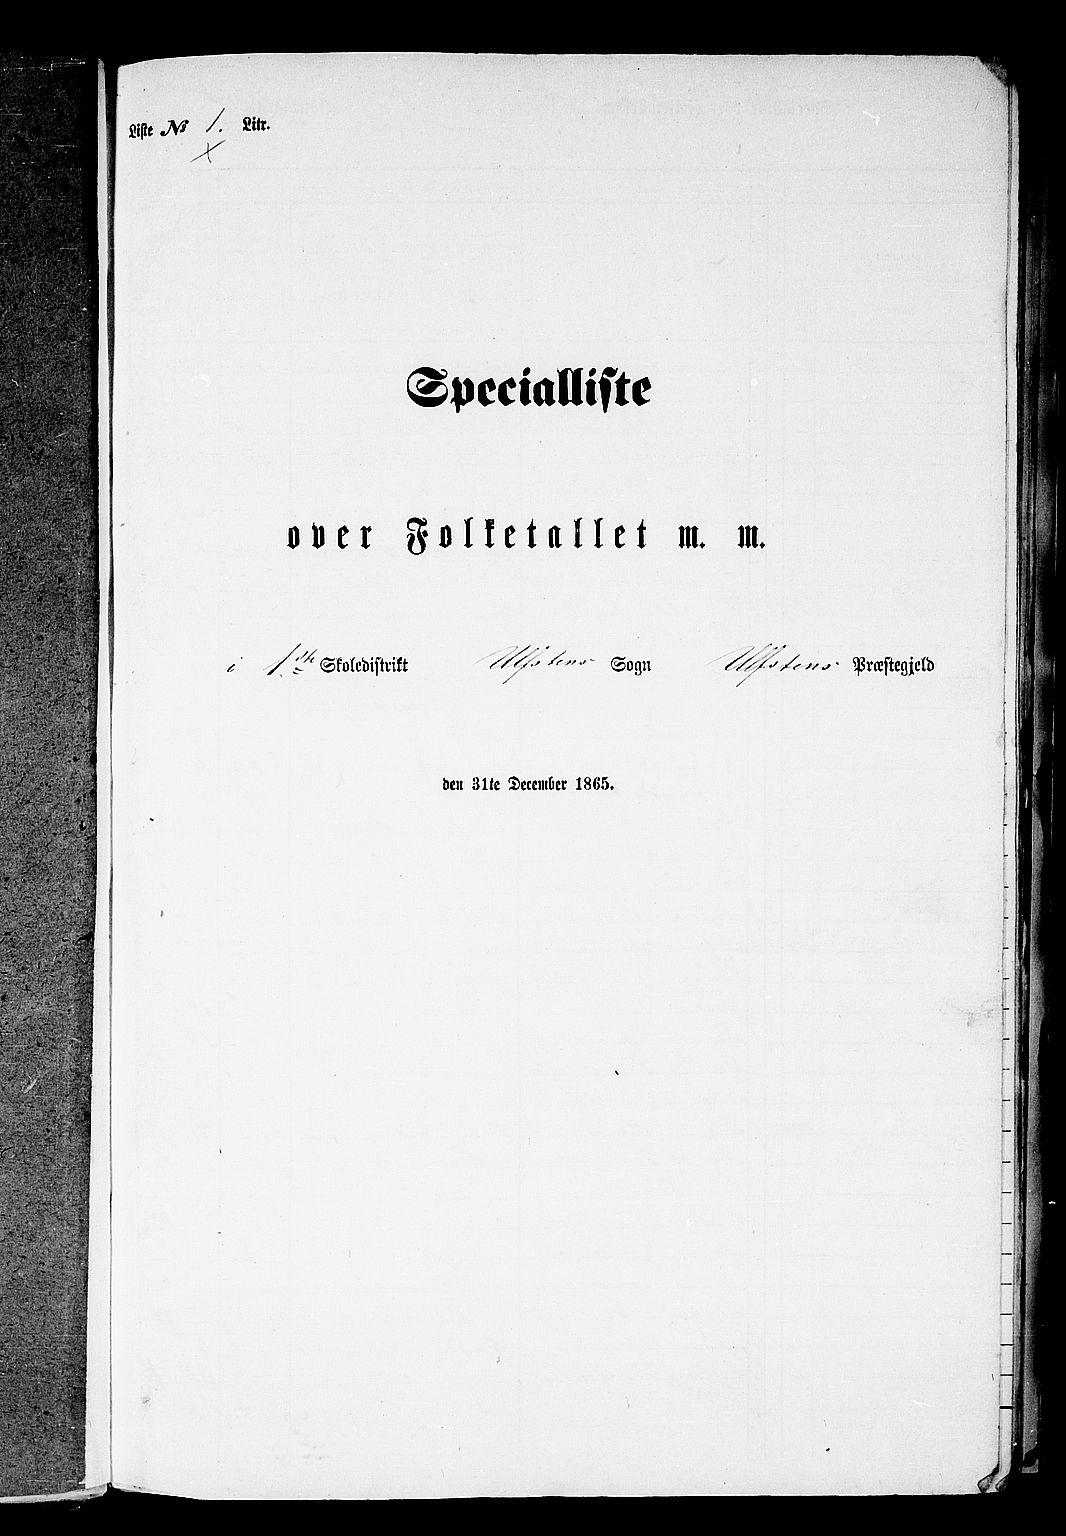 RA, Folketelling 1865 for 1516P Ulstein prestegjeld, 1865, s. 11